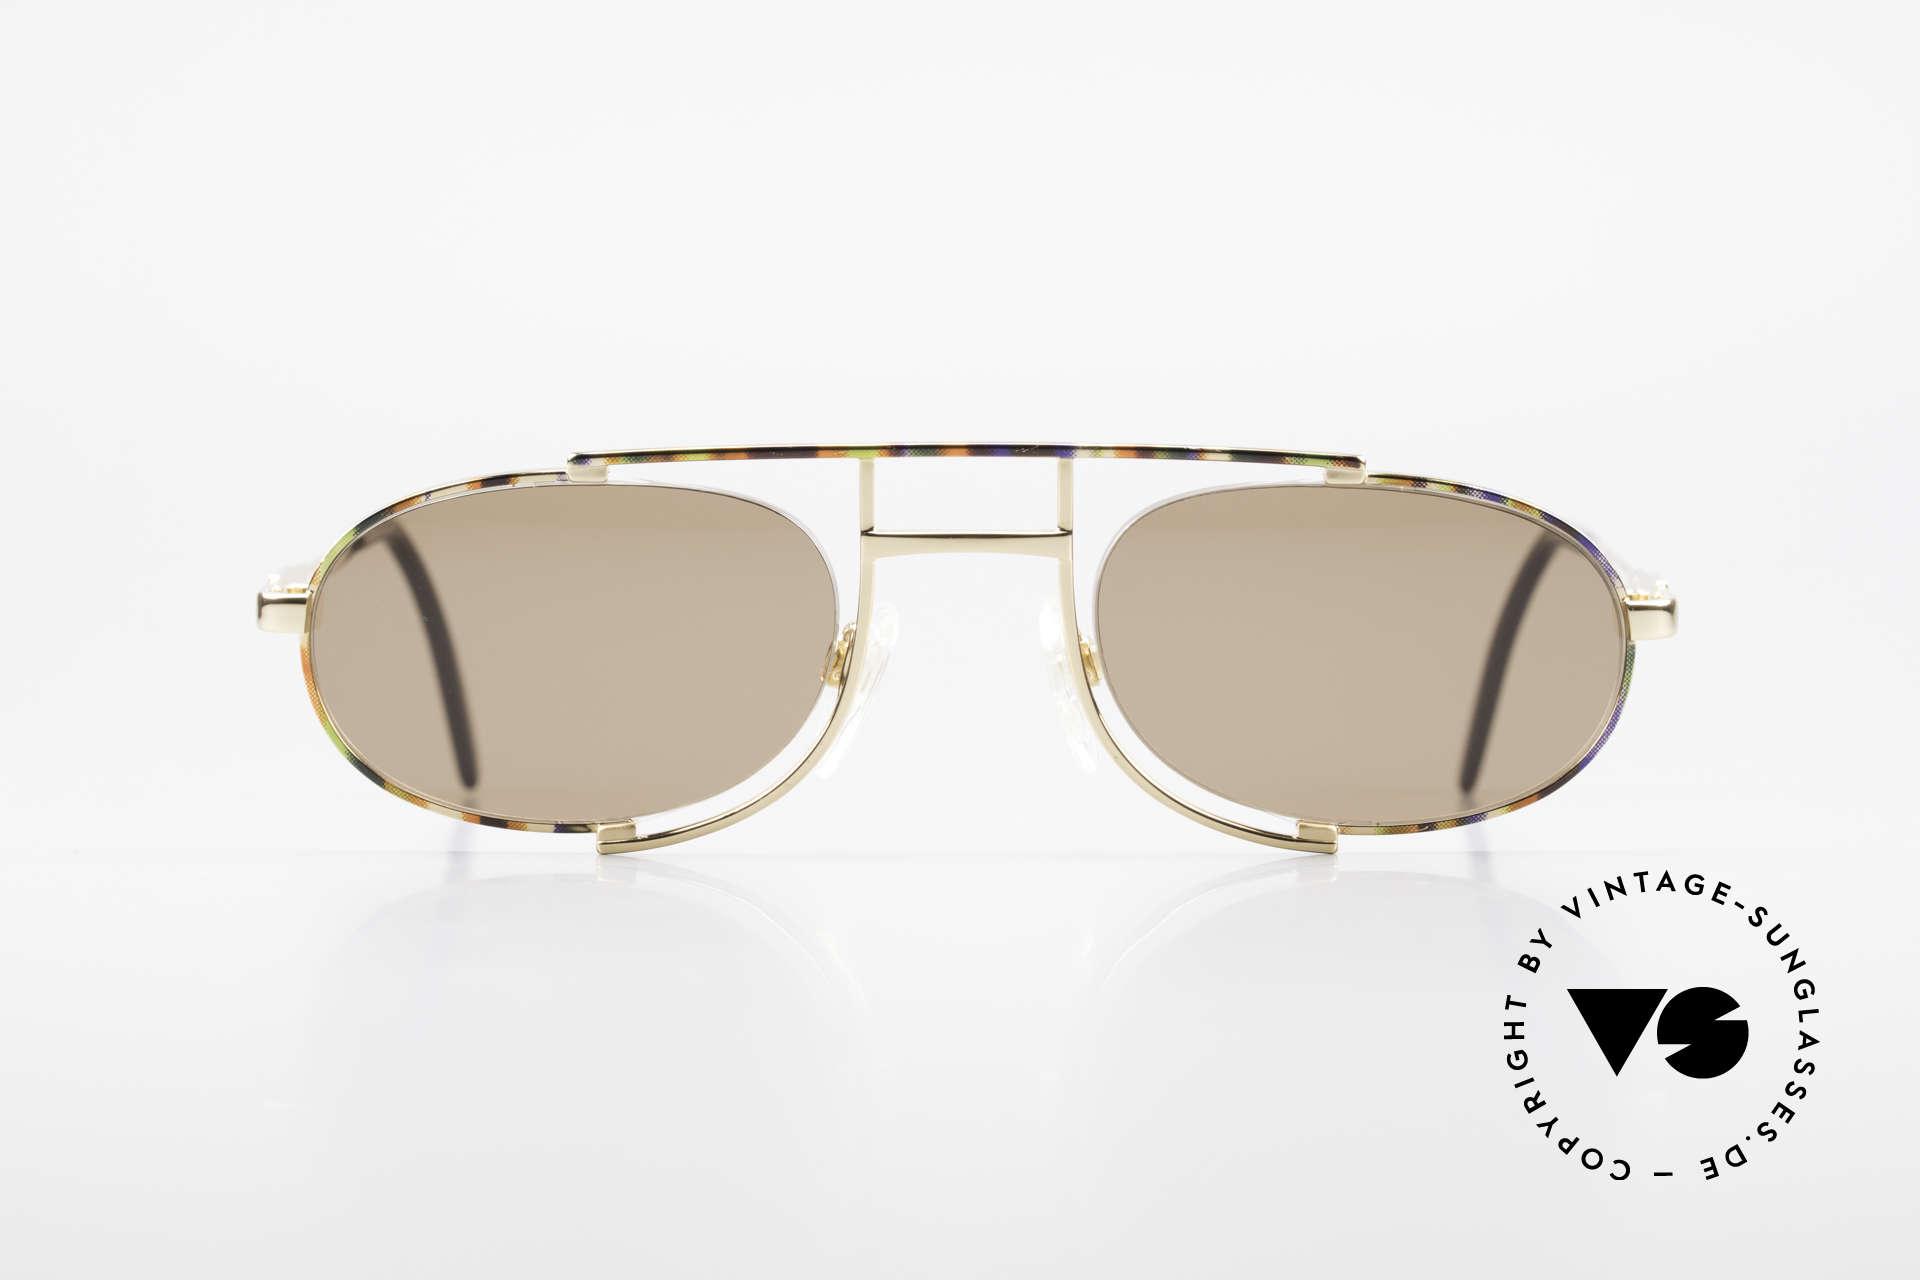 Cazal 753 Rare Oval Designer Sunglasses, extraordinary, semi-rimless frame construction, Made for Men